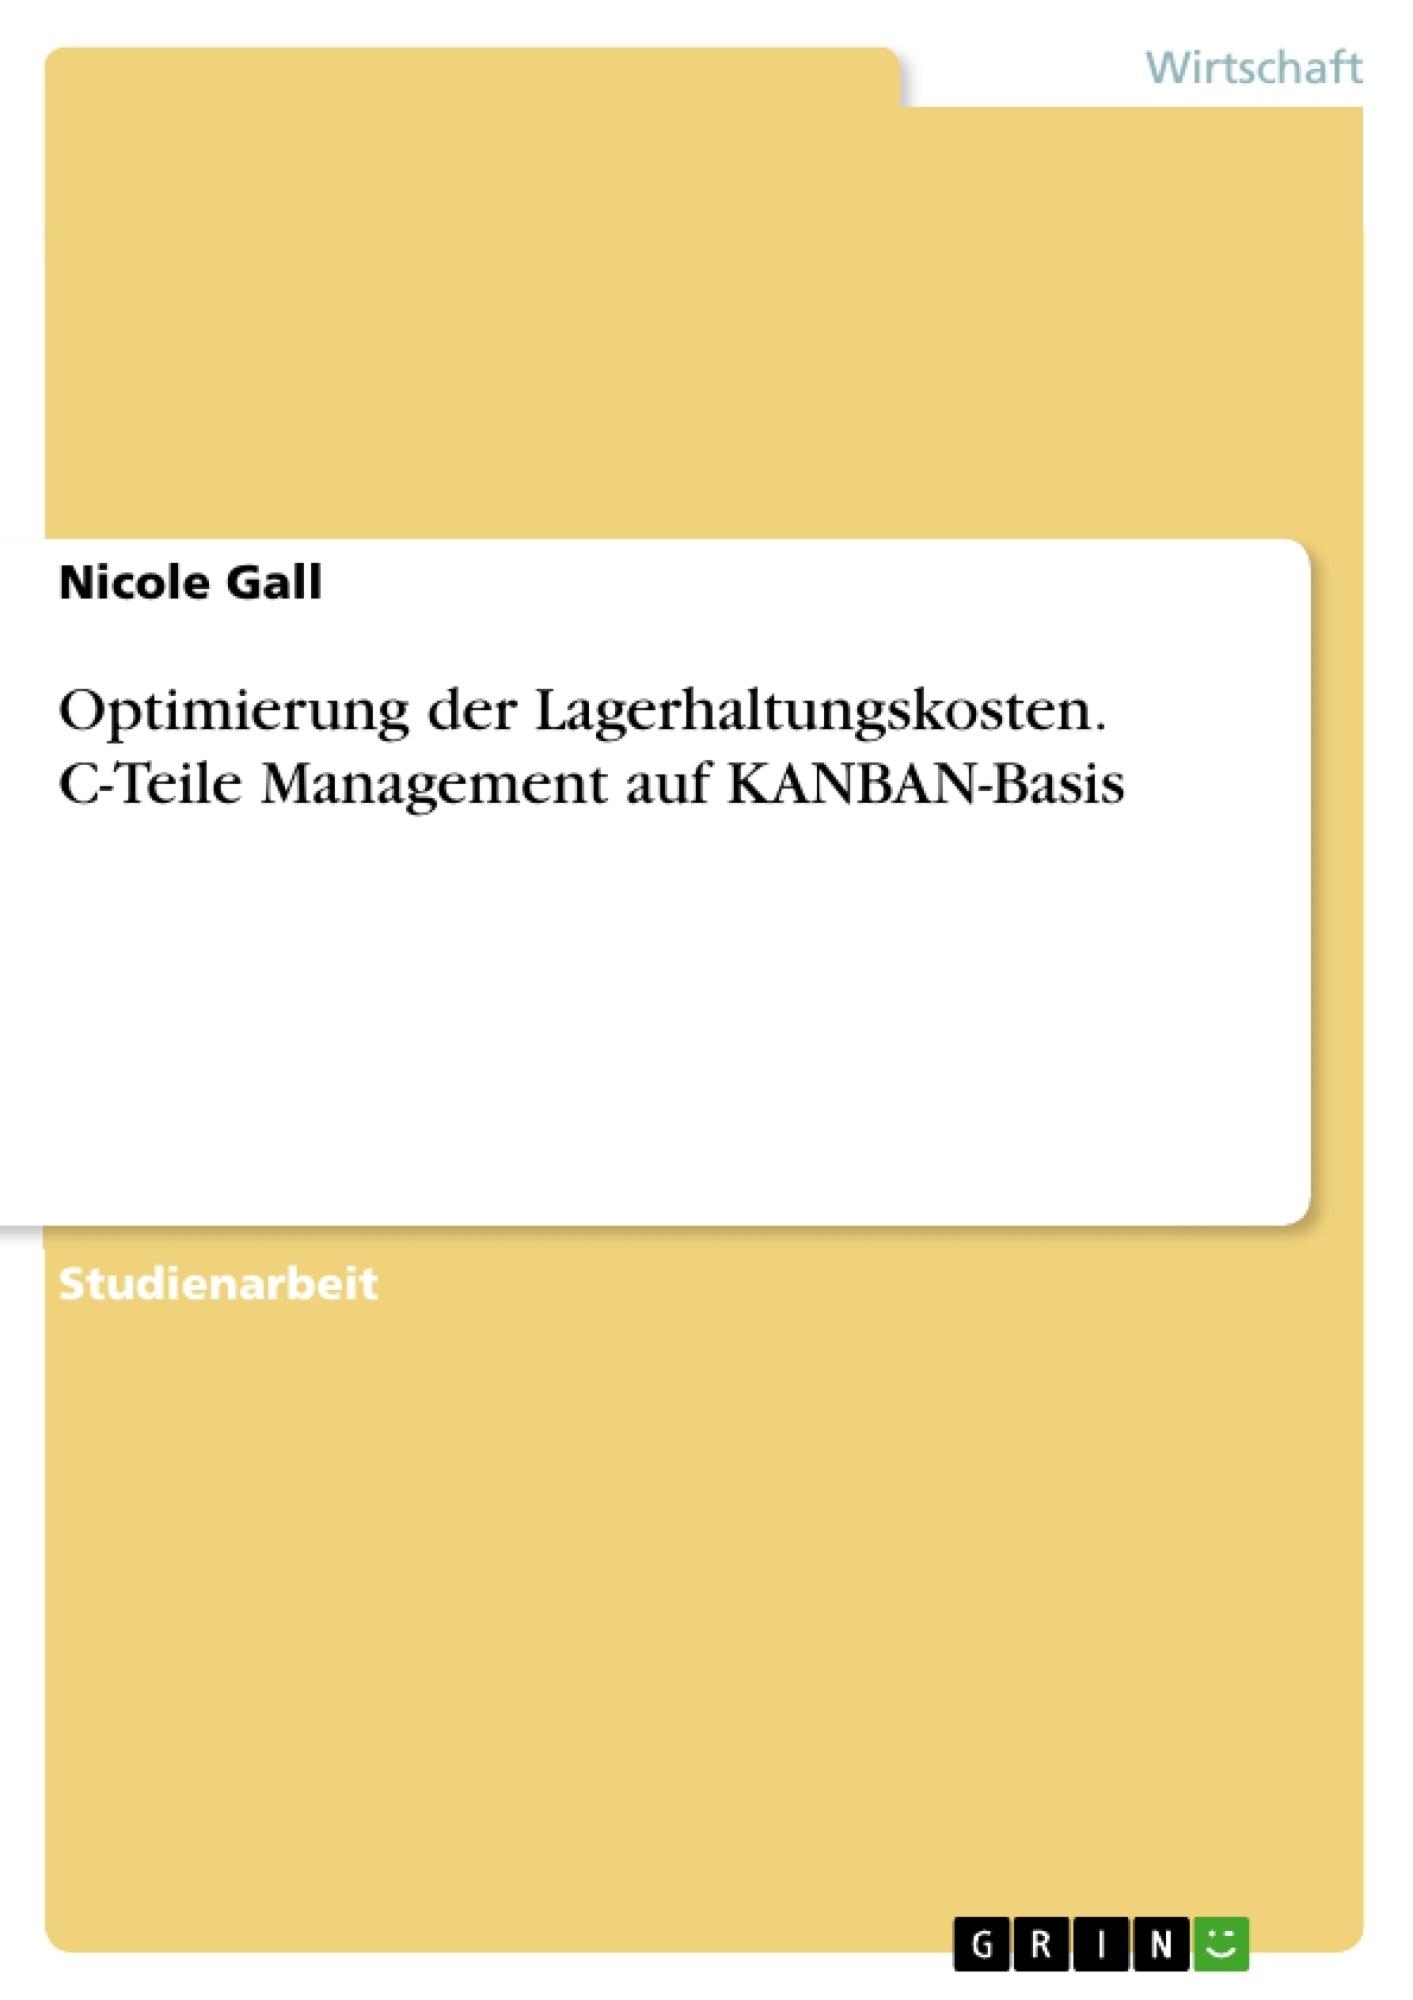 Titel: Optimierung der Lagerhaltungskosten. C-Teile Management auf KANBAN-Basis